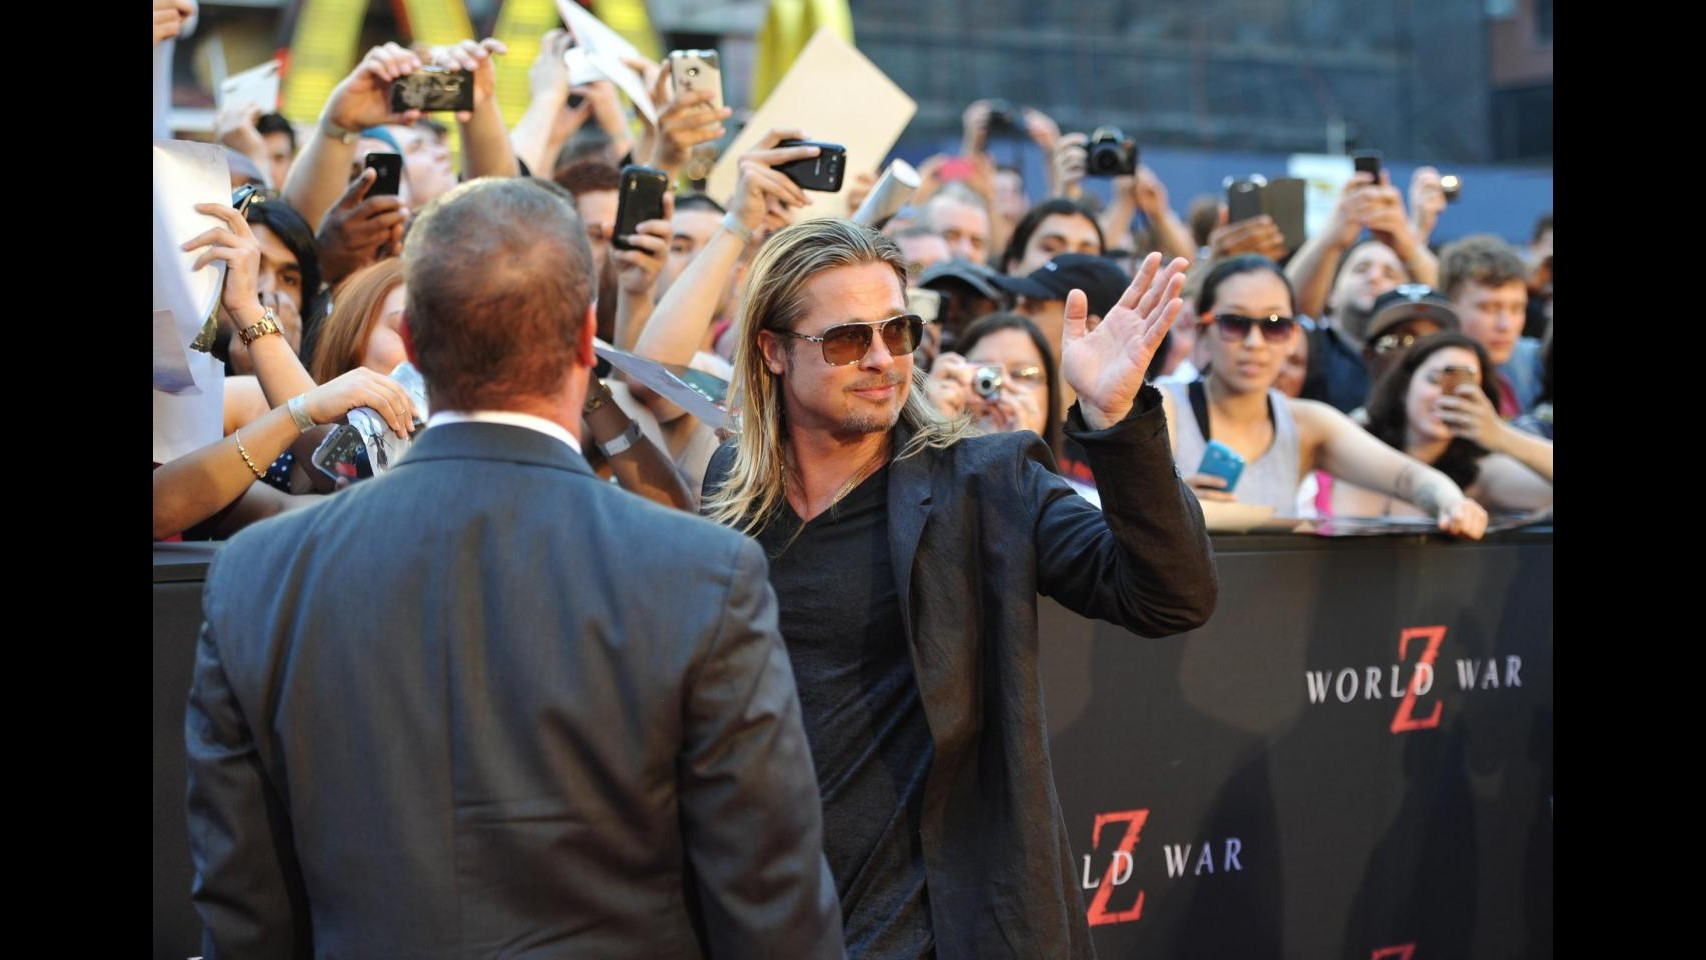 Folla in delirio a prima newyorkese di 'World war Z' con Brad Pitt